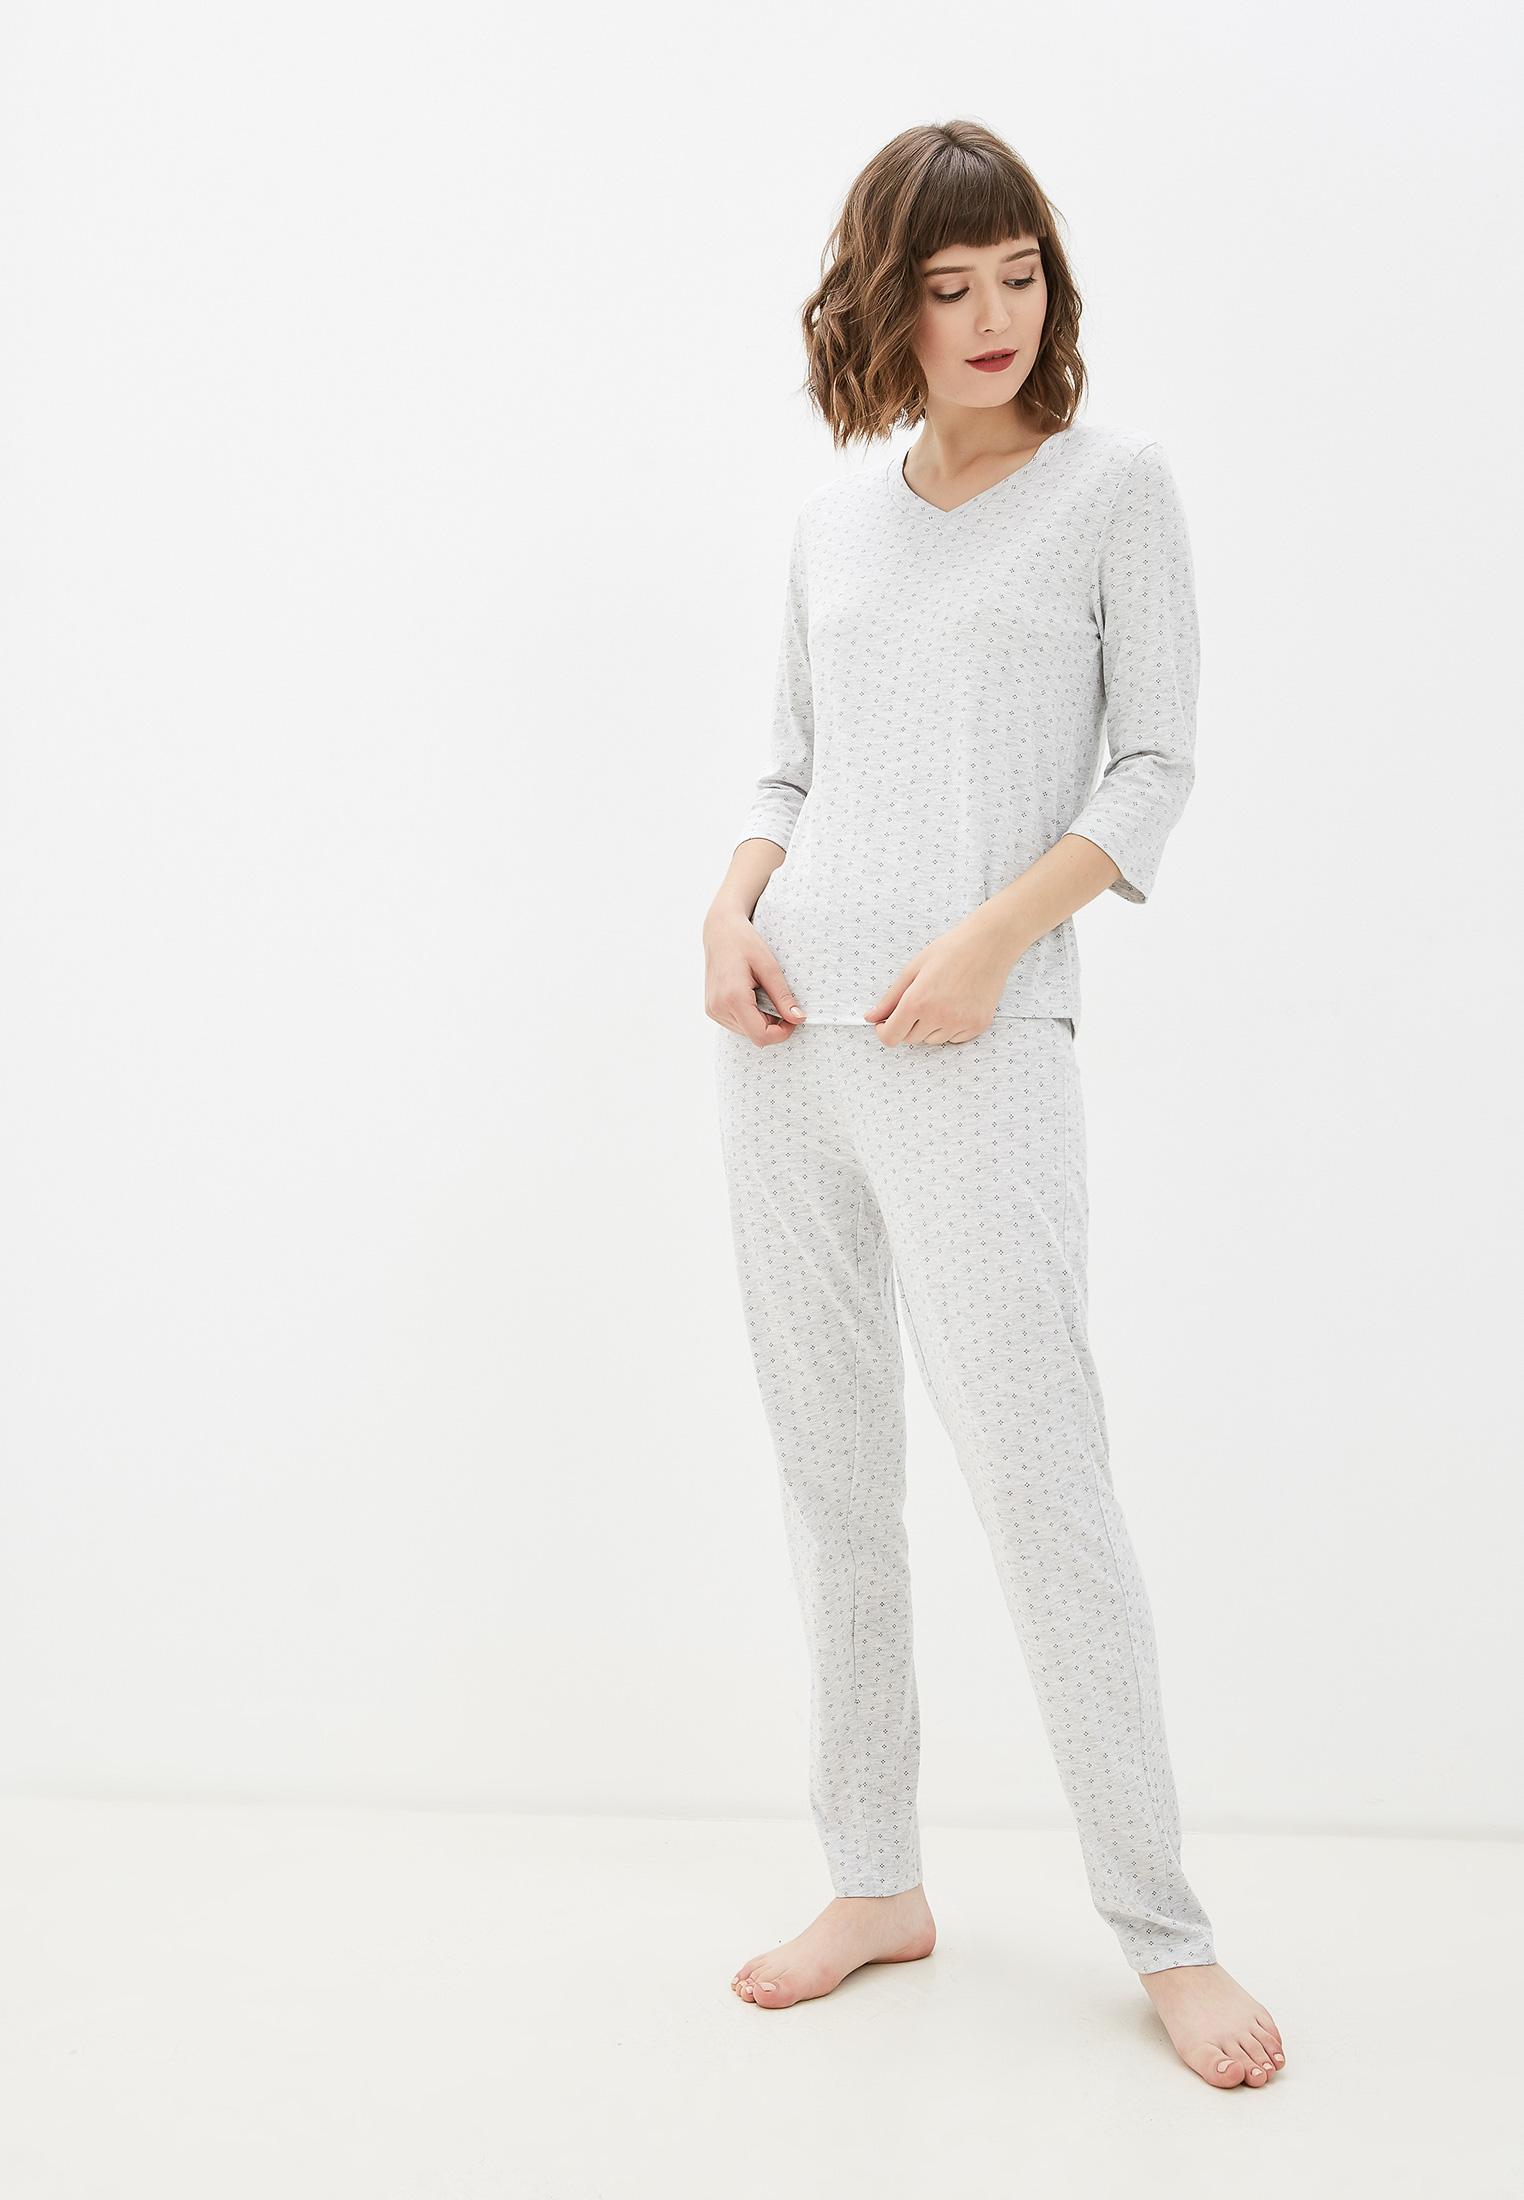 Женское белье и одежда для дома NYMOS 5366104